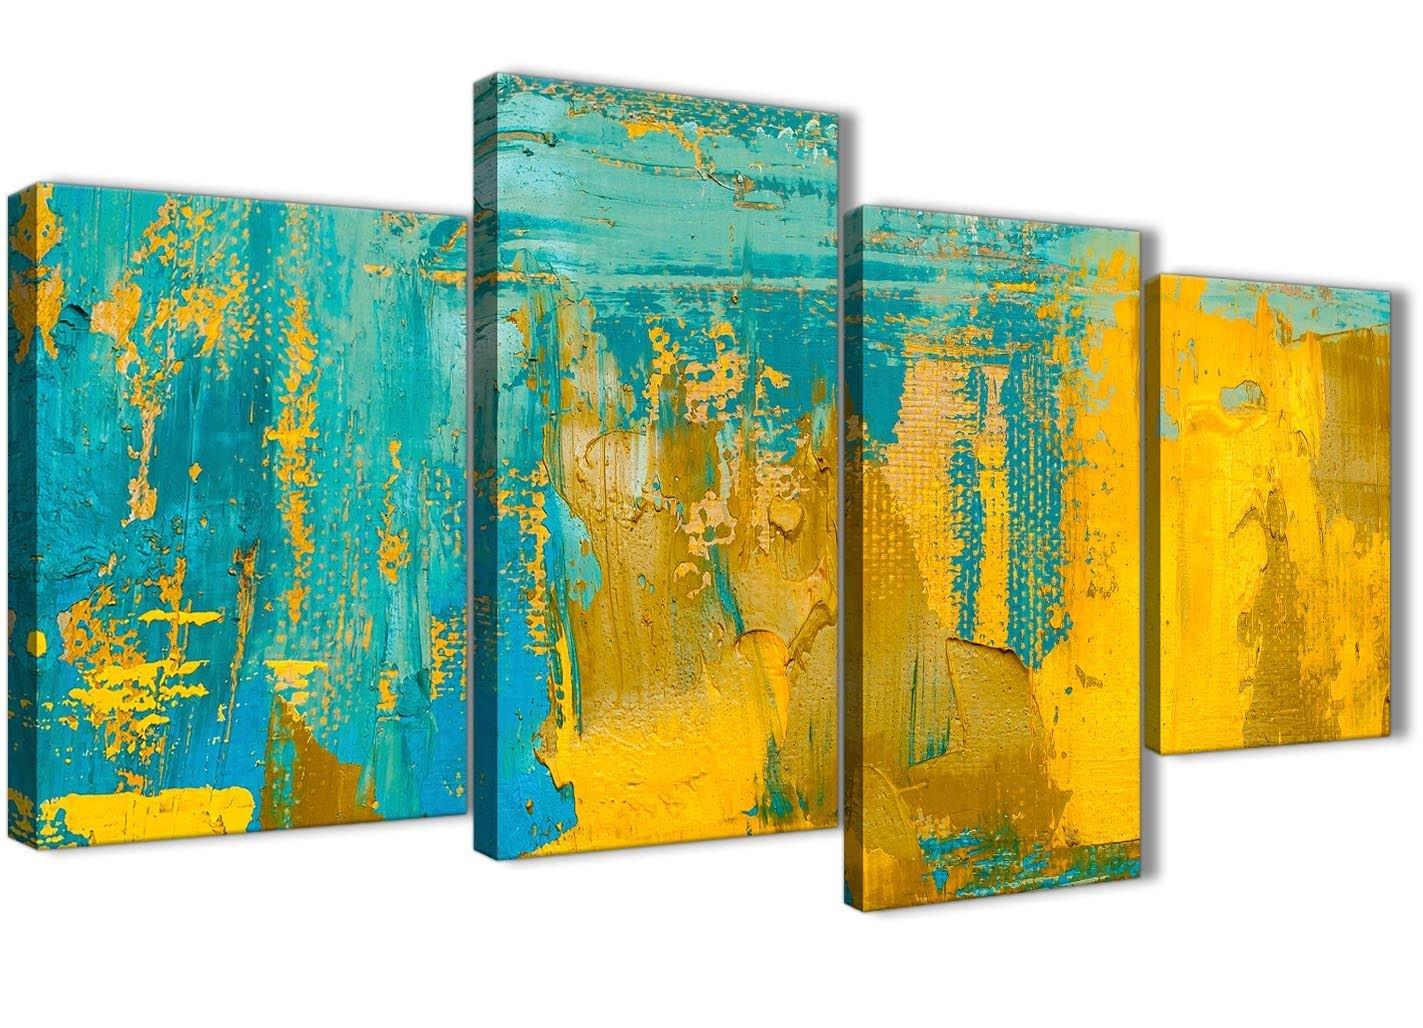 Wallfillers groß Senf Gelb und Blaugrün Türkis – Schlafzimmer Leinwand Leinwand Leinwand Abstrakt Wand Art Decor – 4446–130 cm Set von Prints 1829d8